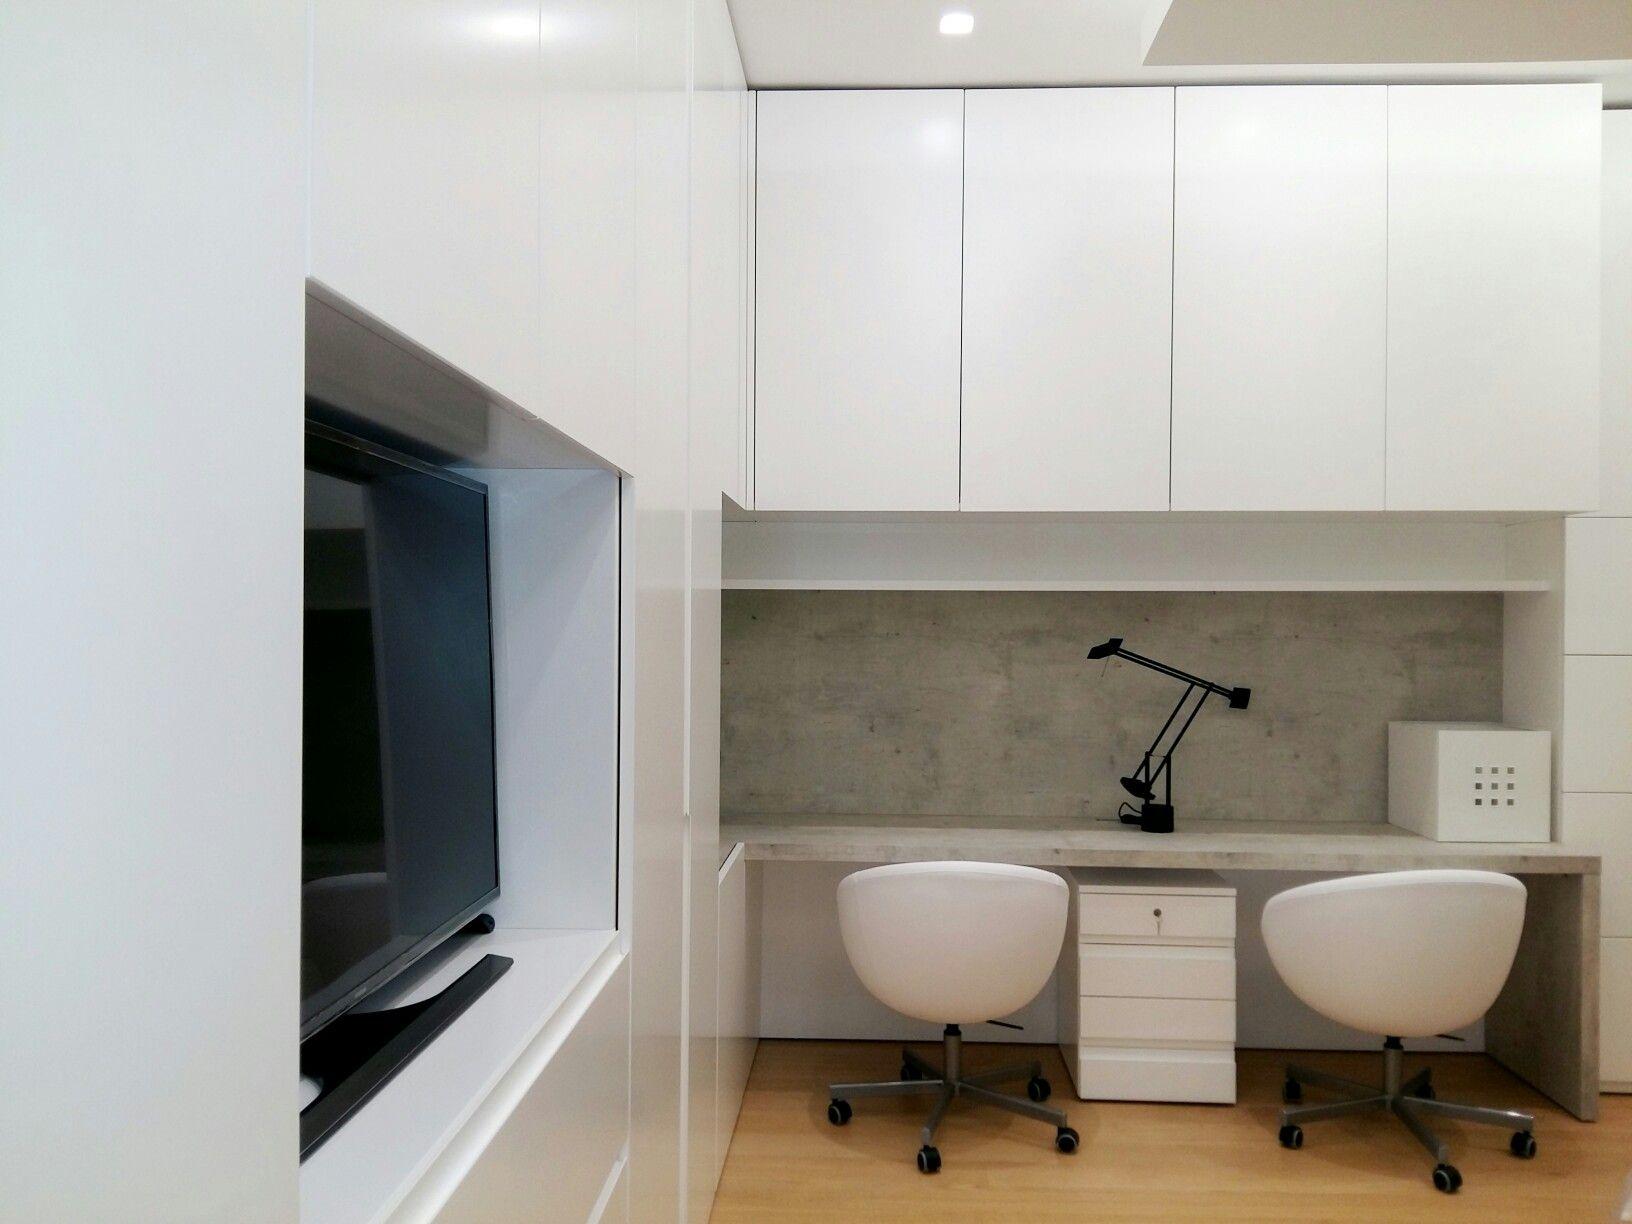 Armadio fisso camera da letto con angolo studio tlgstudioproject bedrooms pinterest - Angolo studio in camera da letto ...